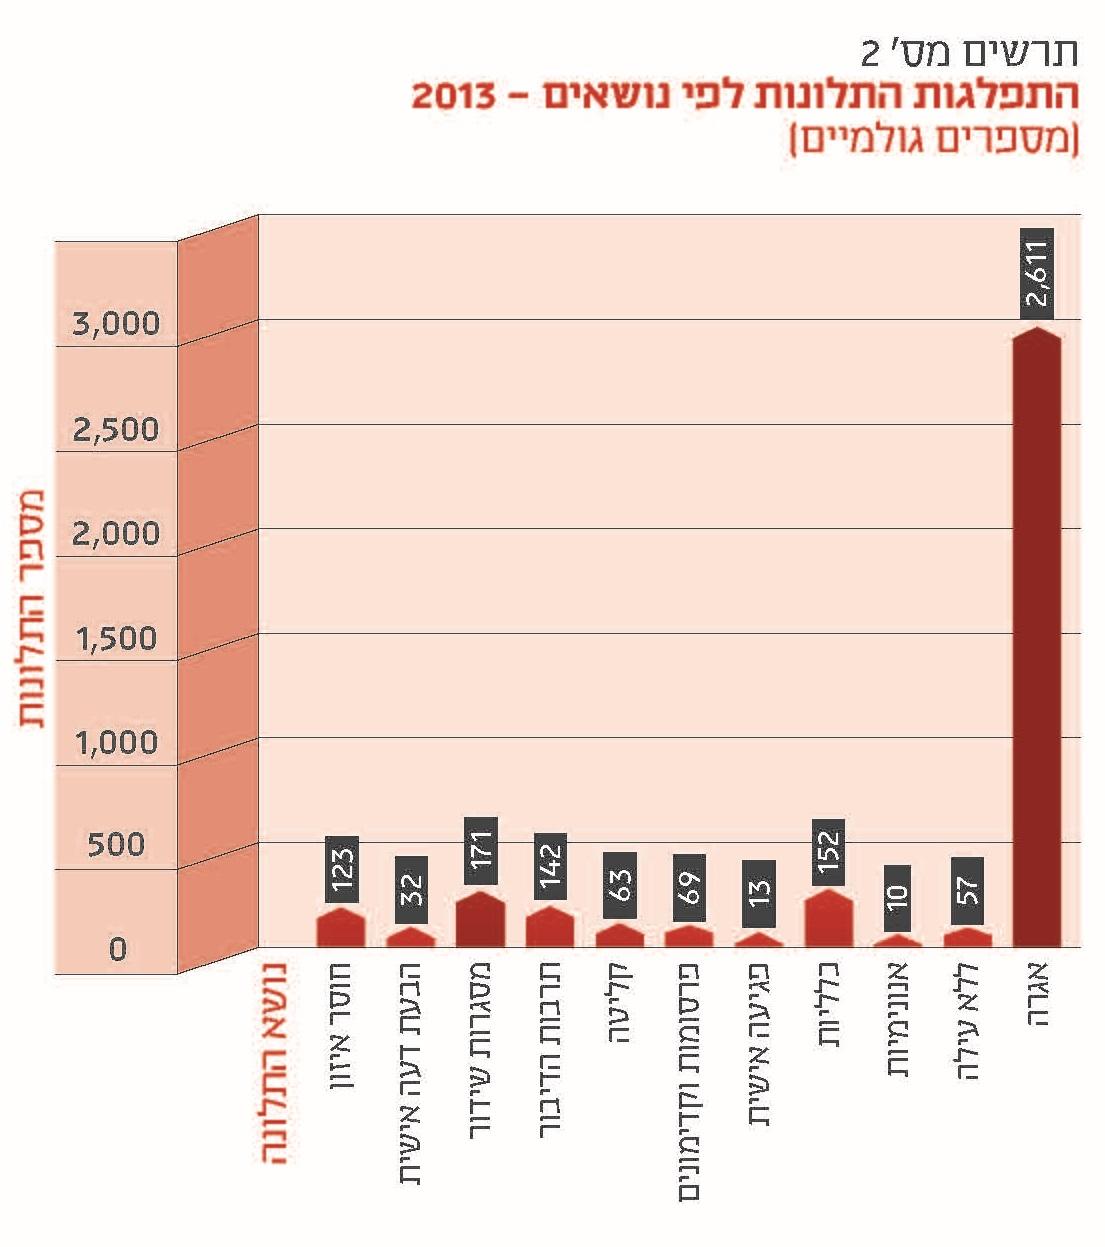 """התפלגות התלונות לנציב קבילות הציבור ברשות השידור בשנת 2013, לפי נושאים (מתוך דו""""ח הנציב)"""